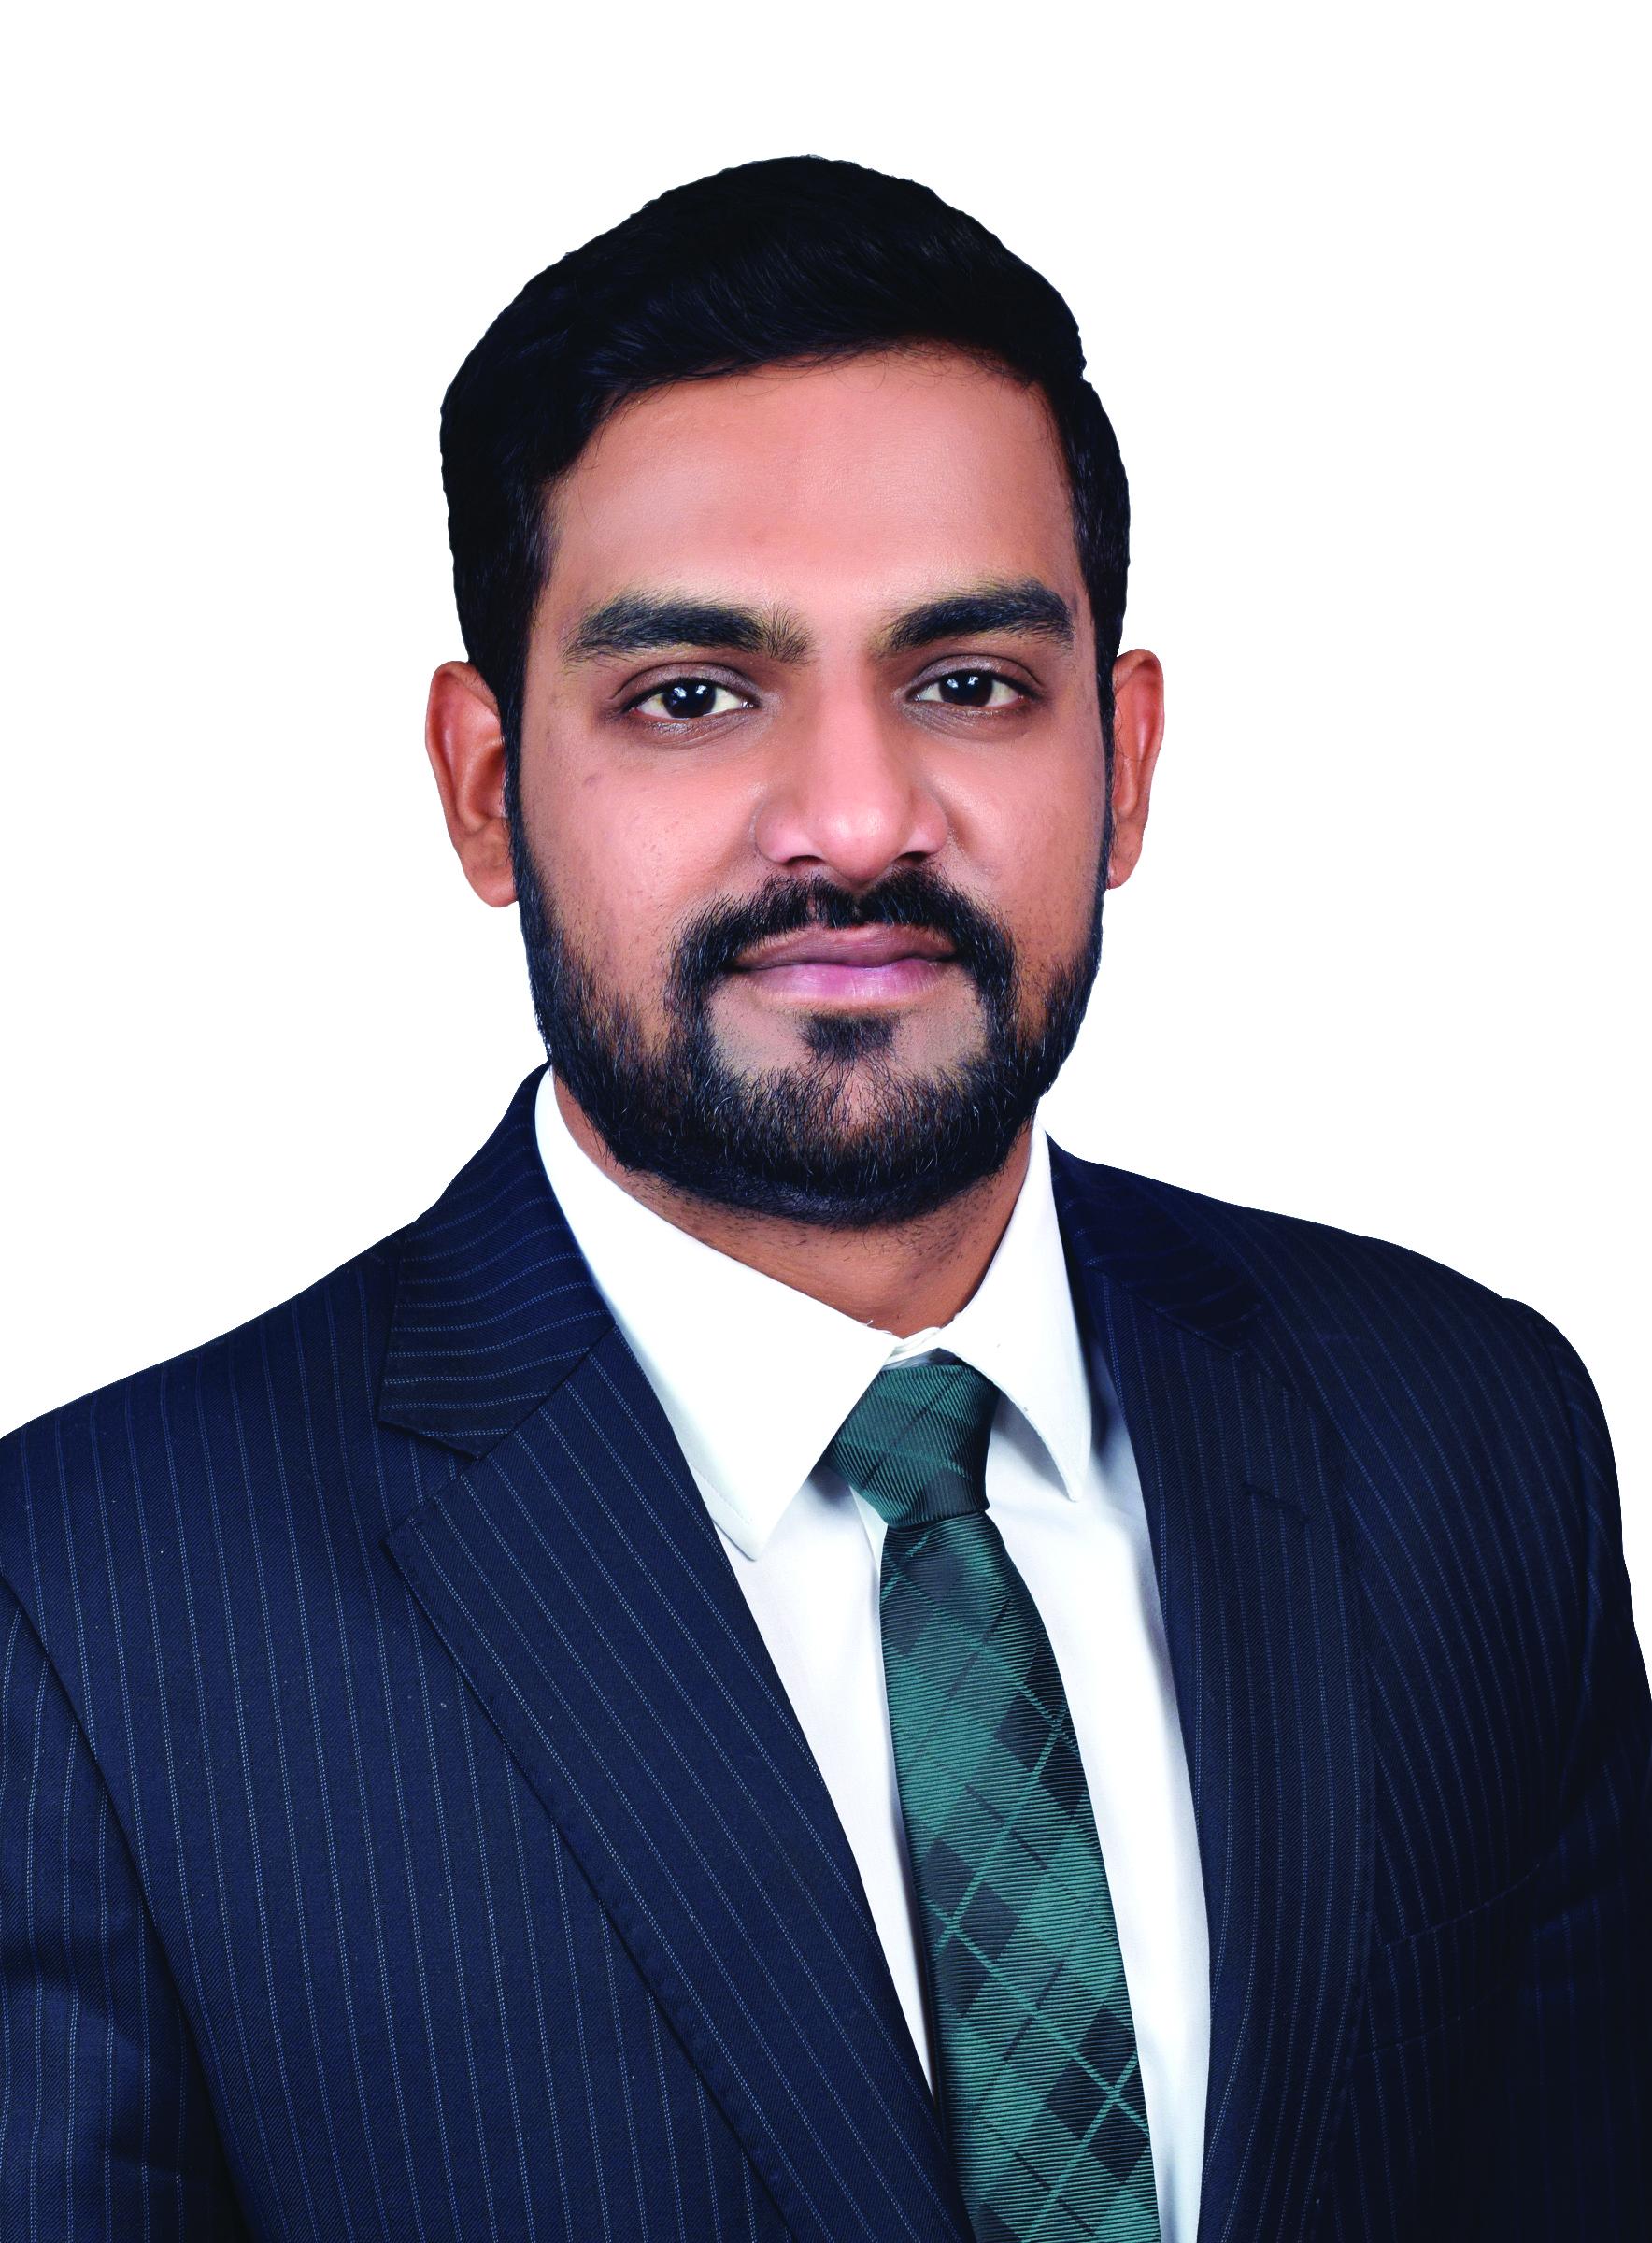 Anush Raajan Lakshmikumaran & Sridharan insolvency